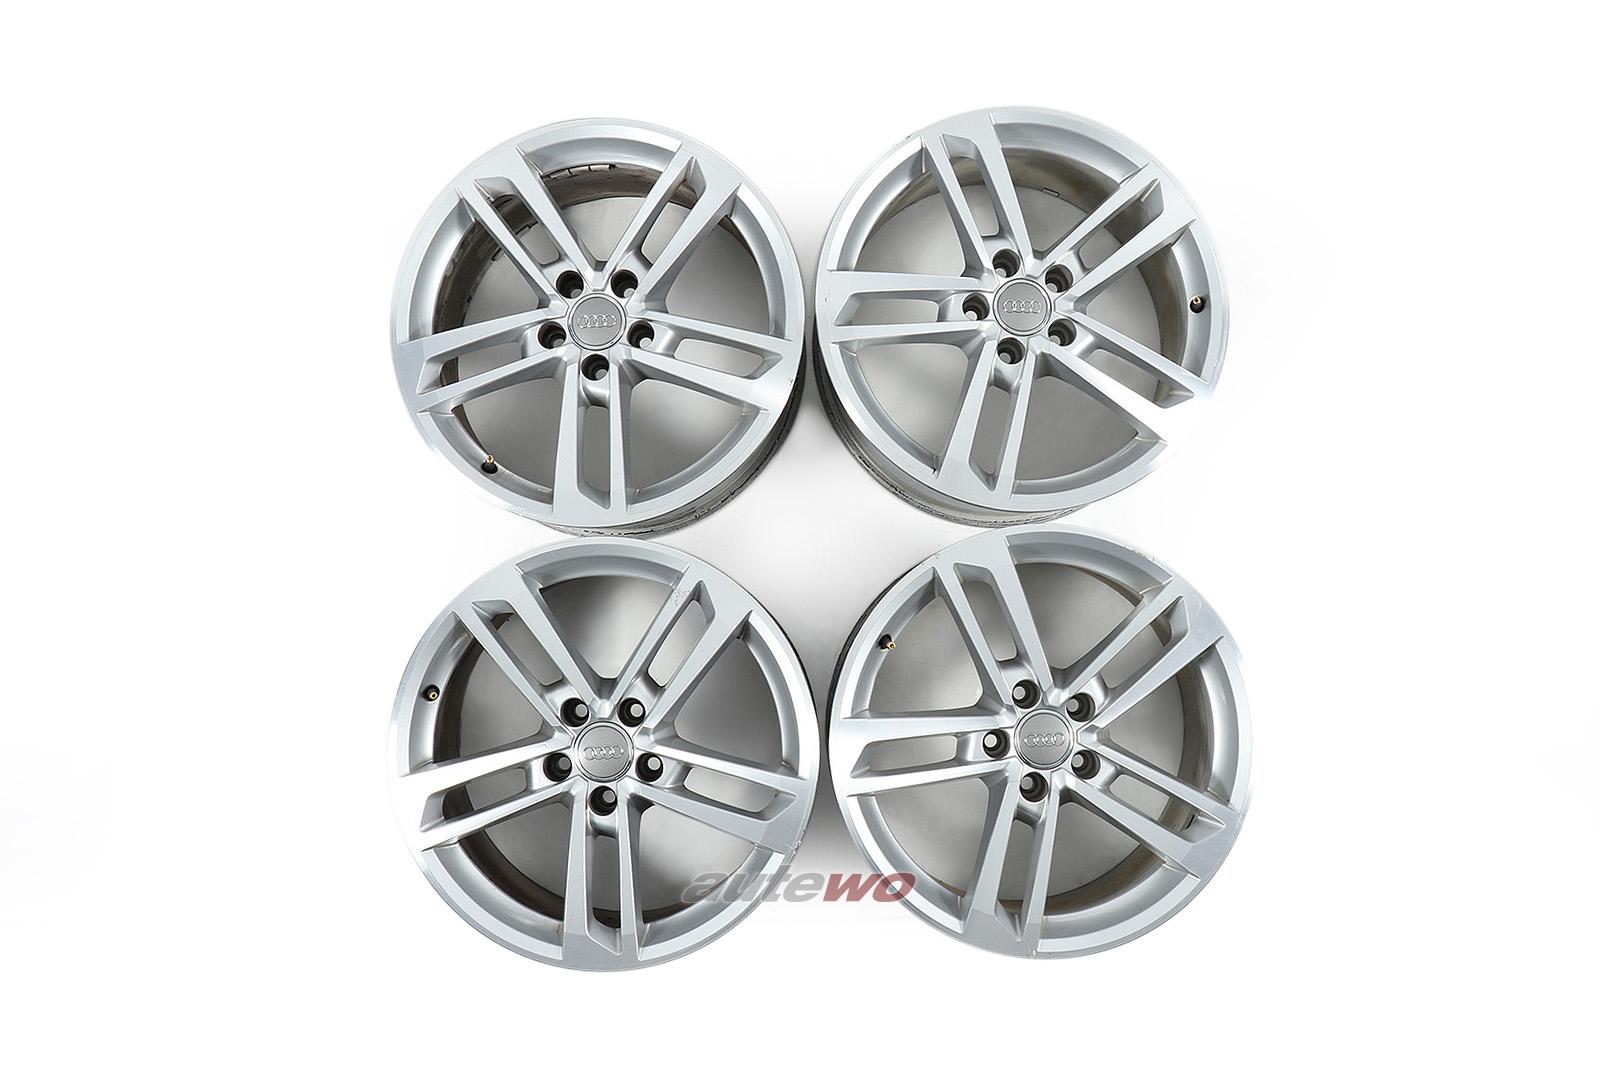 8S0601025E Audi TT/TTS 8S S-Line-Alufelgen 8,5x18 ET50 5x112